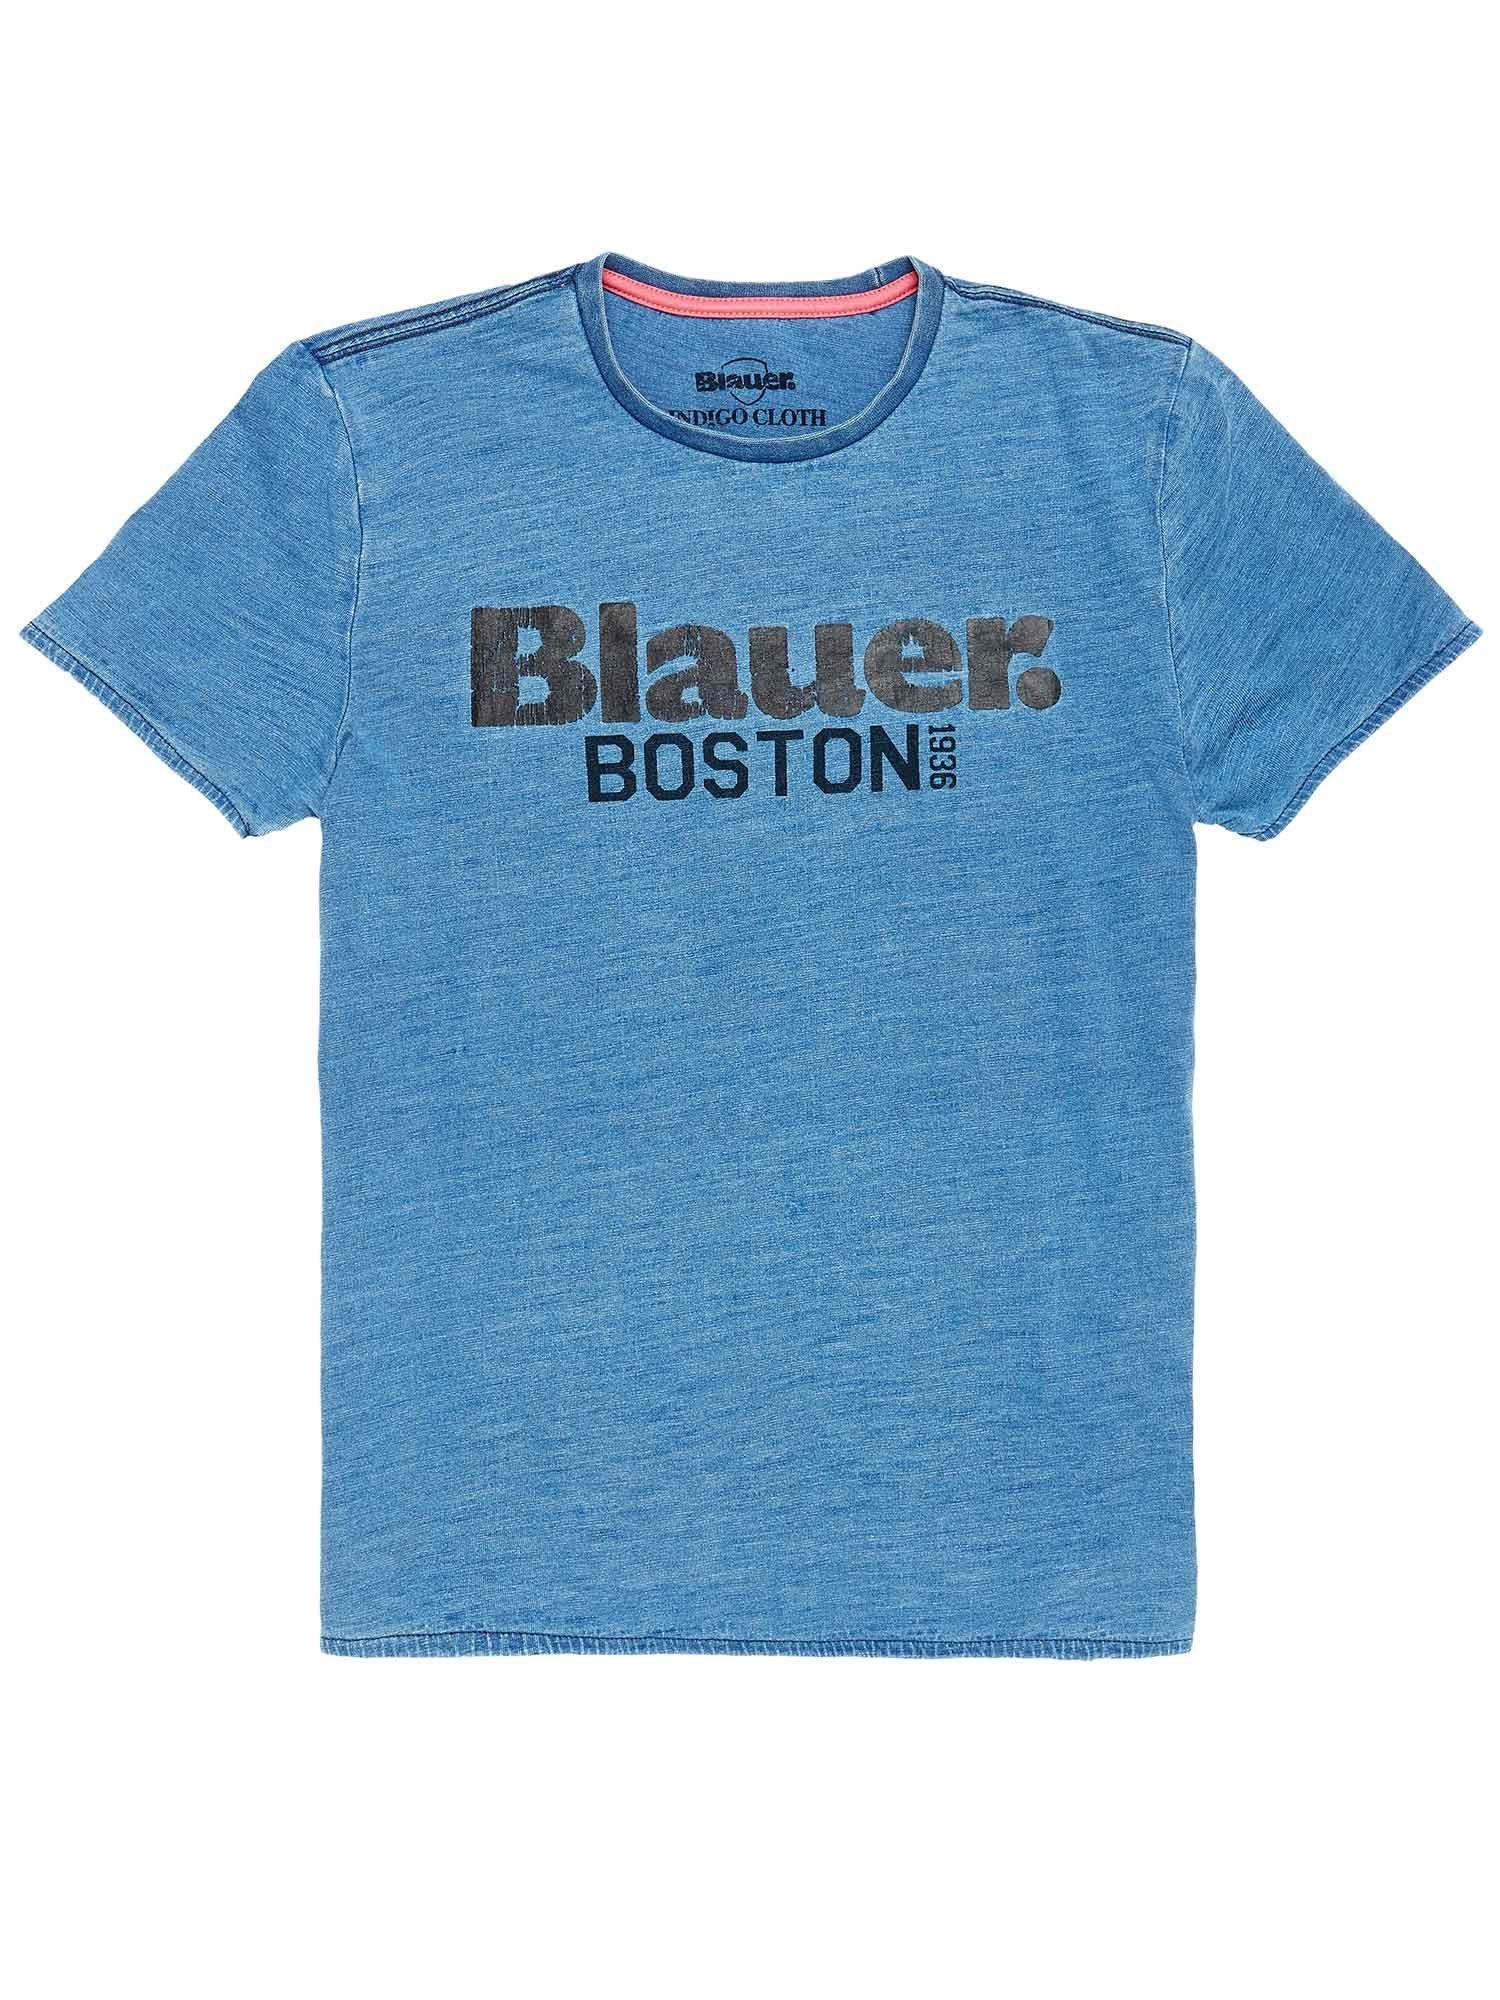 Blauer - JERSEY T-SHIRT BLAUER BOSTON 1936 - Blue Thames - Blauer